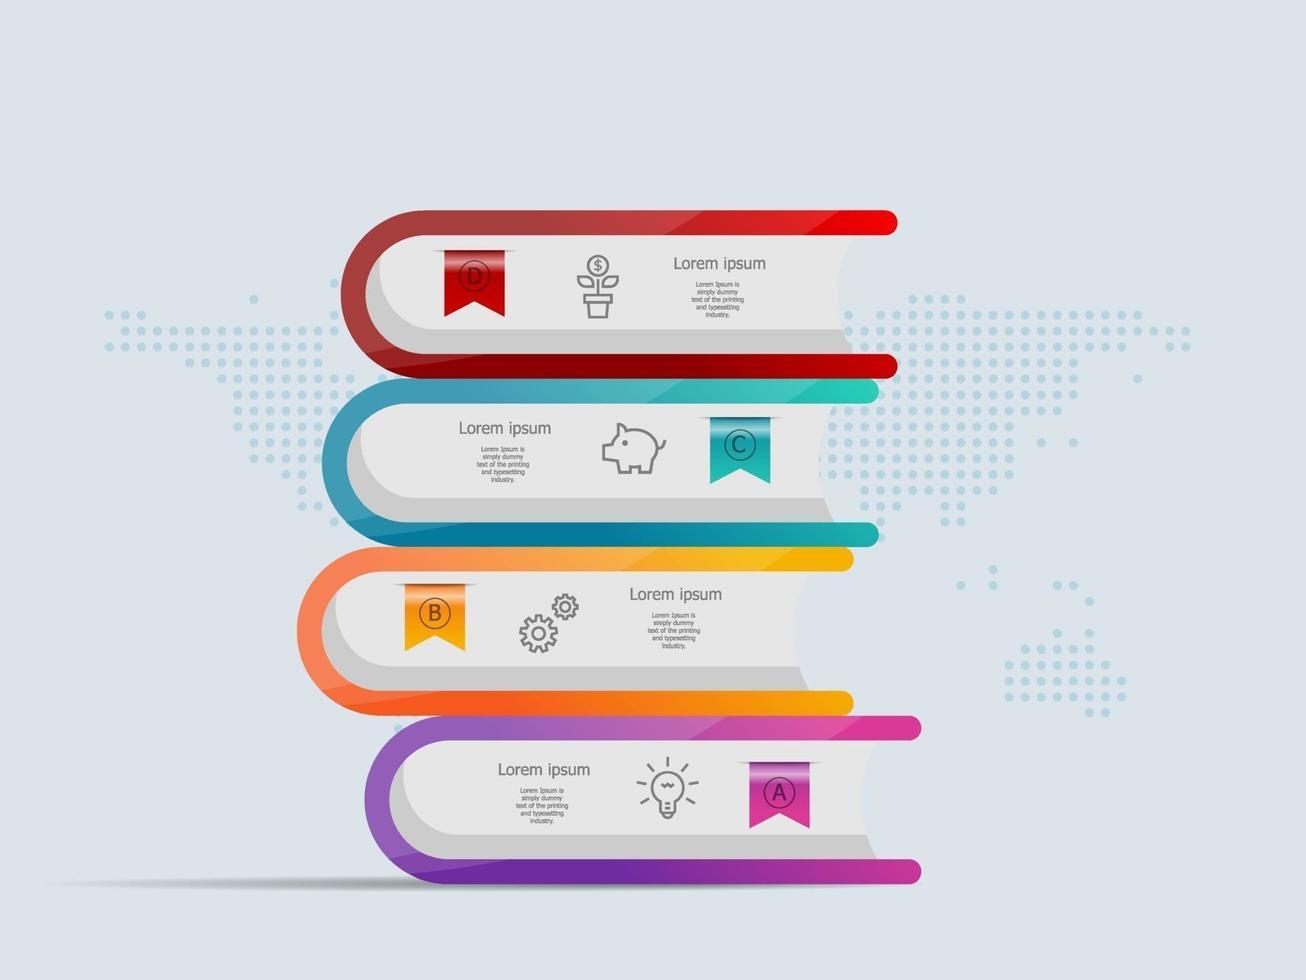 pilha de livros infográficos modelo 4 etapas com mapa mundial para negócios e apresentação vetor